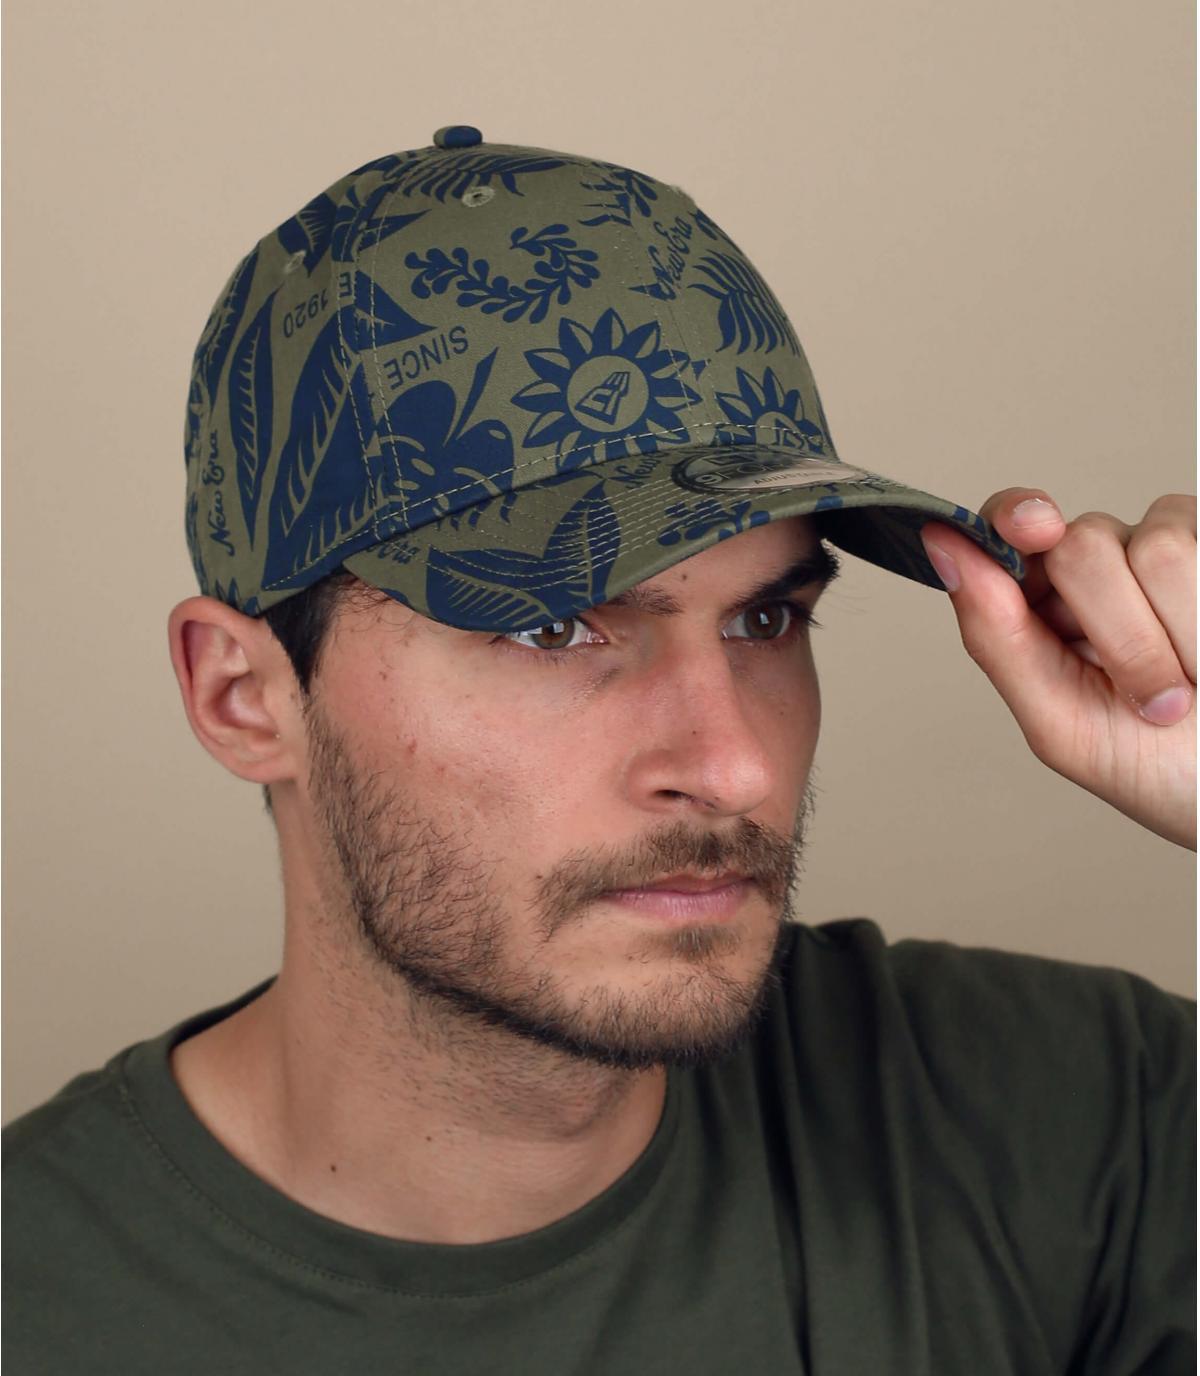 green printed cap